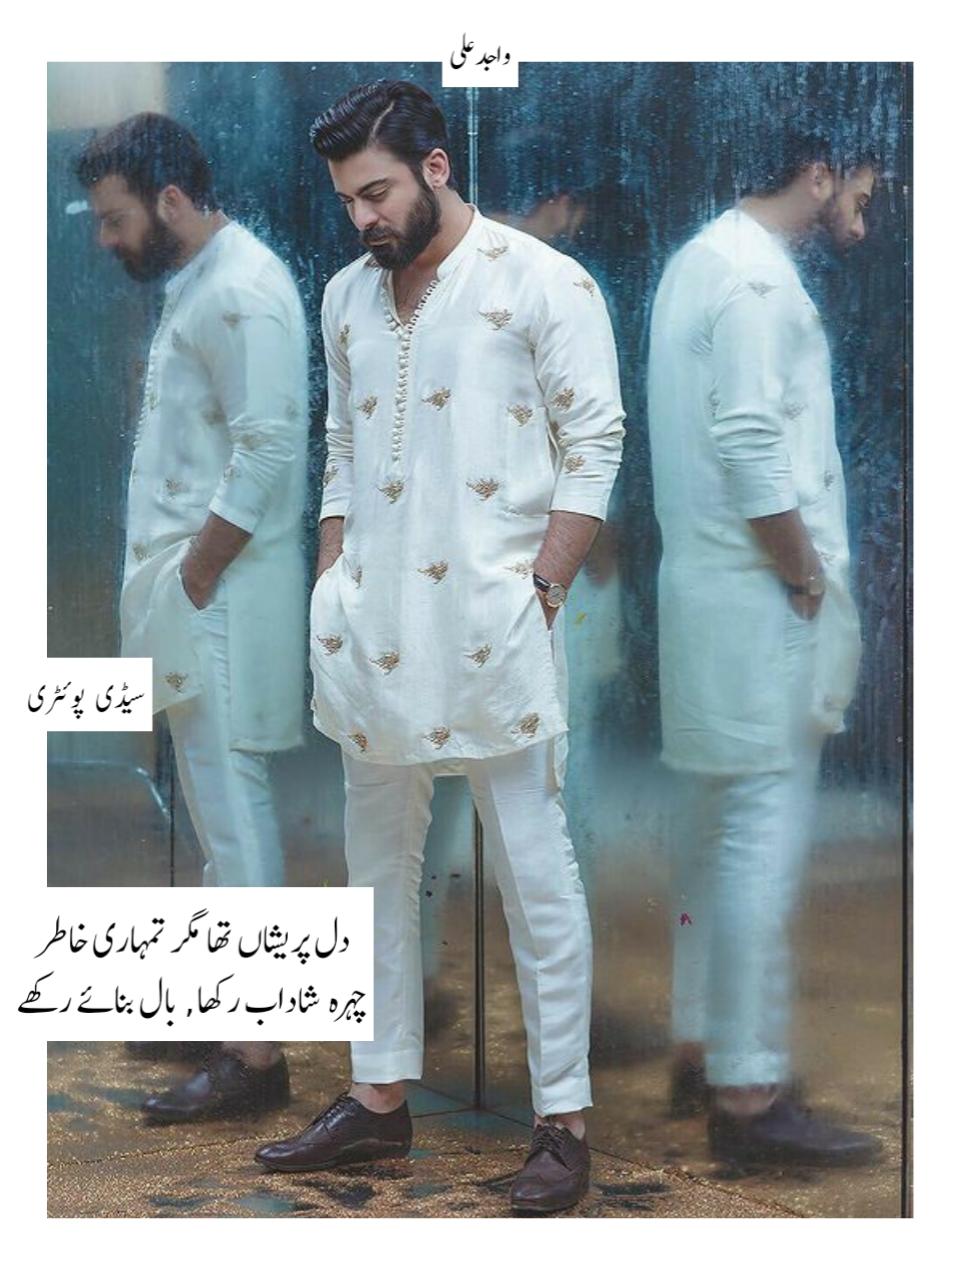 Sad Shayari For Boys in Urdu 2021